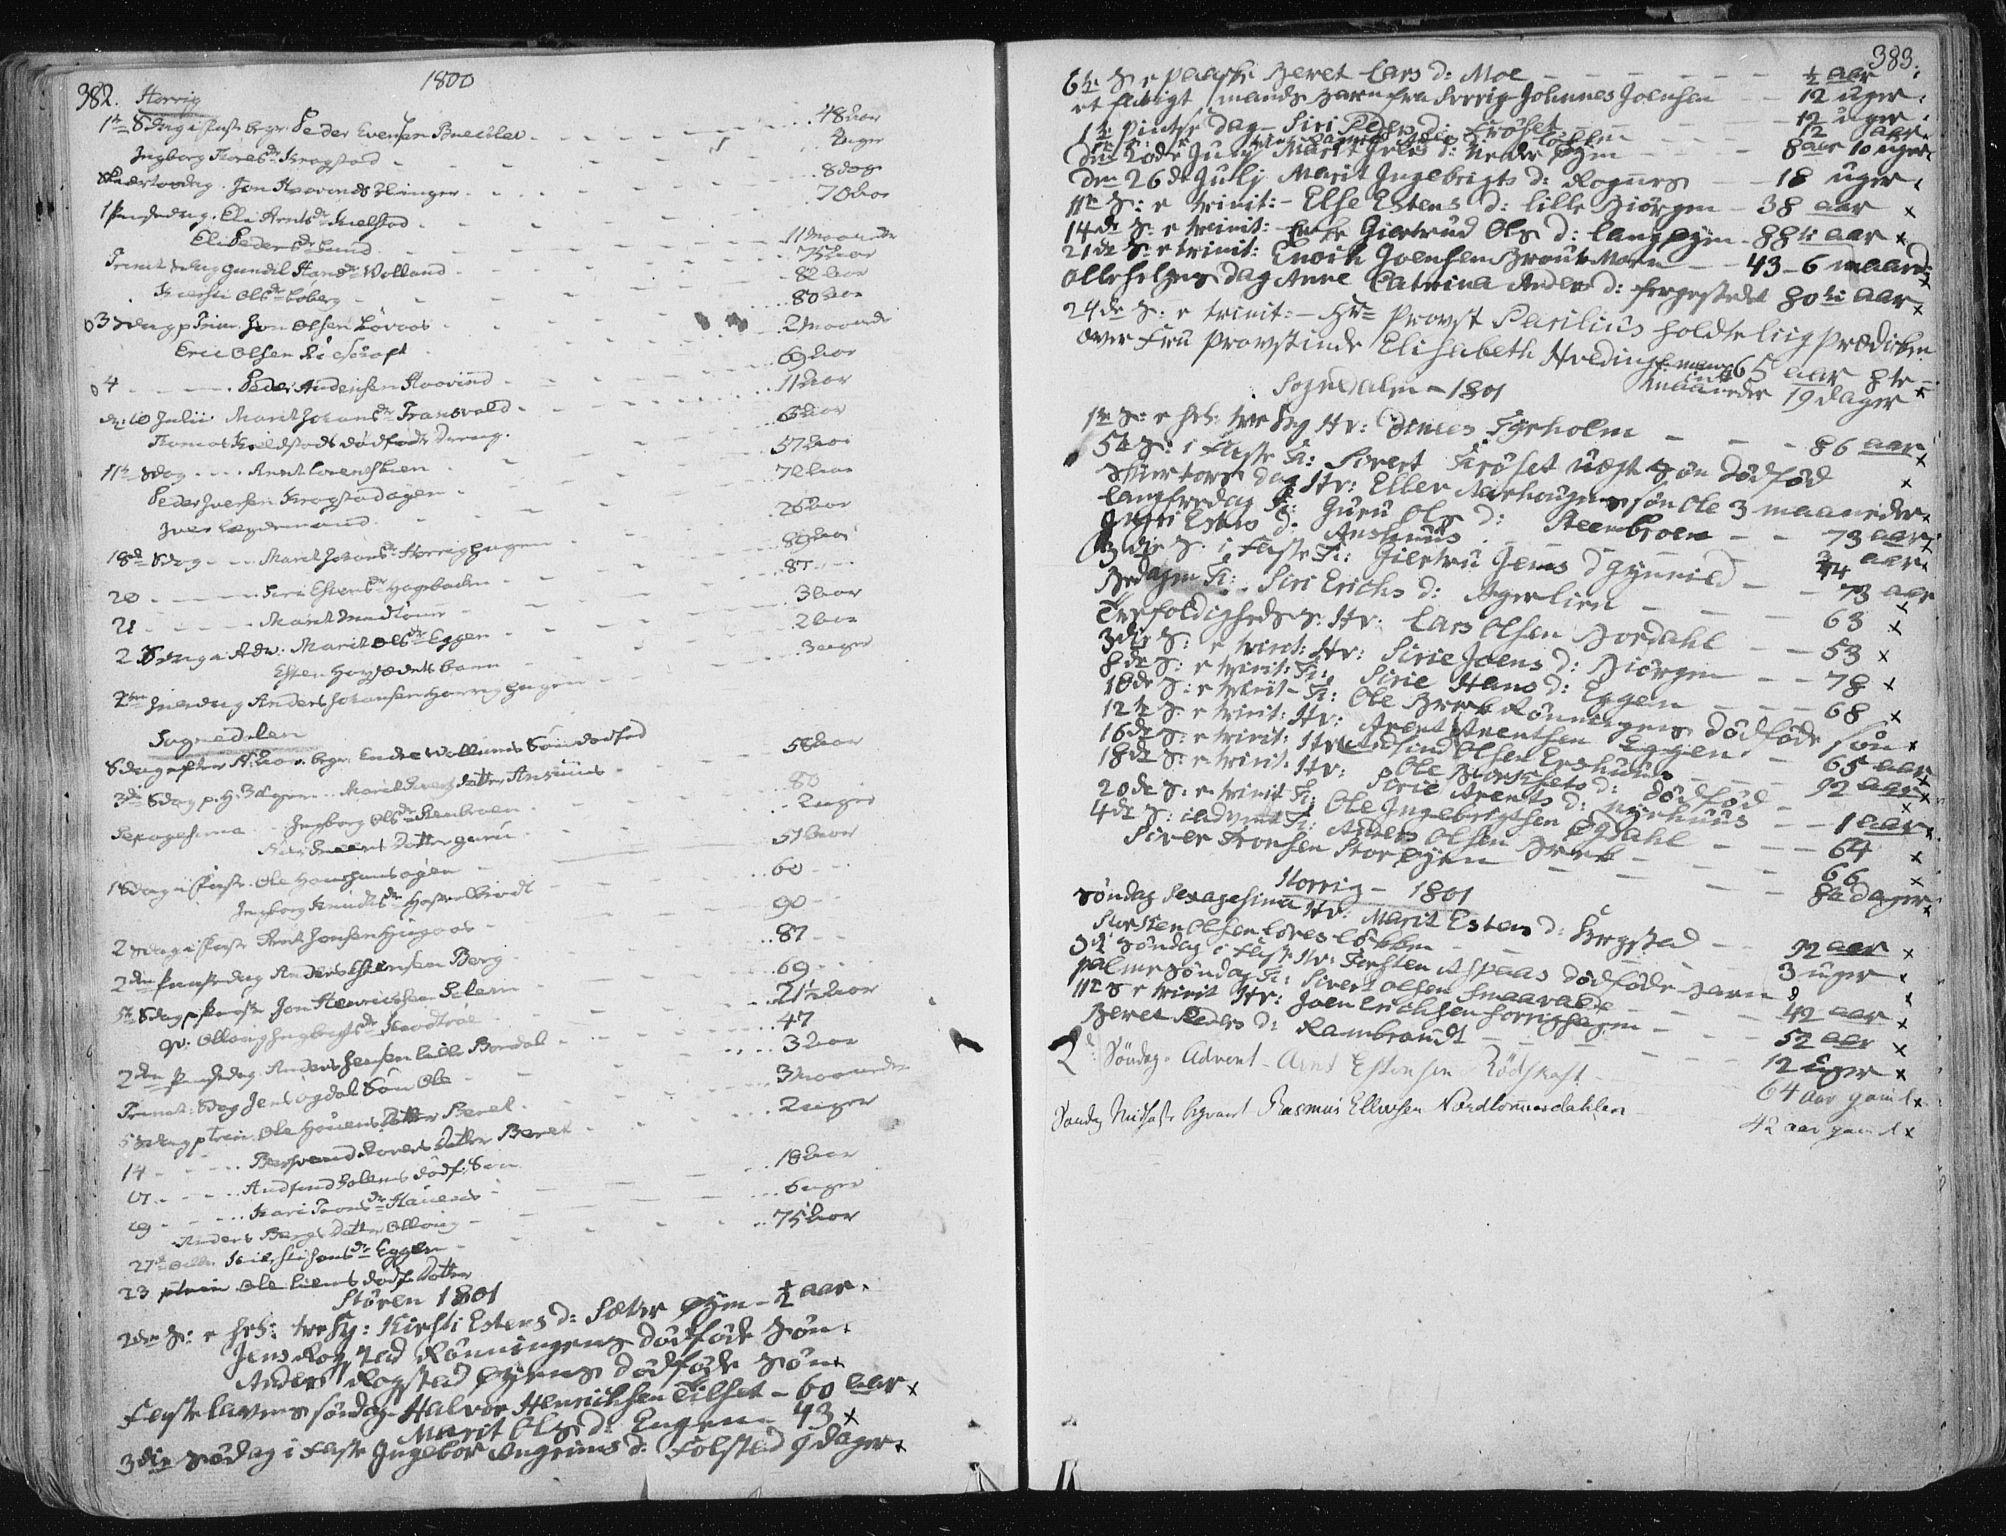 SAT, Ministerialprotokoller, klokkerbøker og fødselsregistre - Sør-Trøndelag, 687/L0992: Ministerialbok nr. 687A03 /1, 1788-1815, s. 382-383